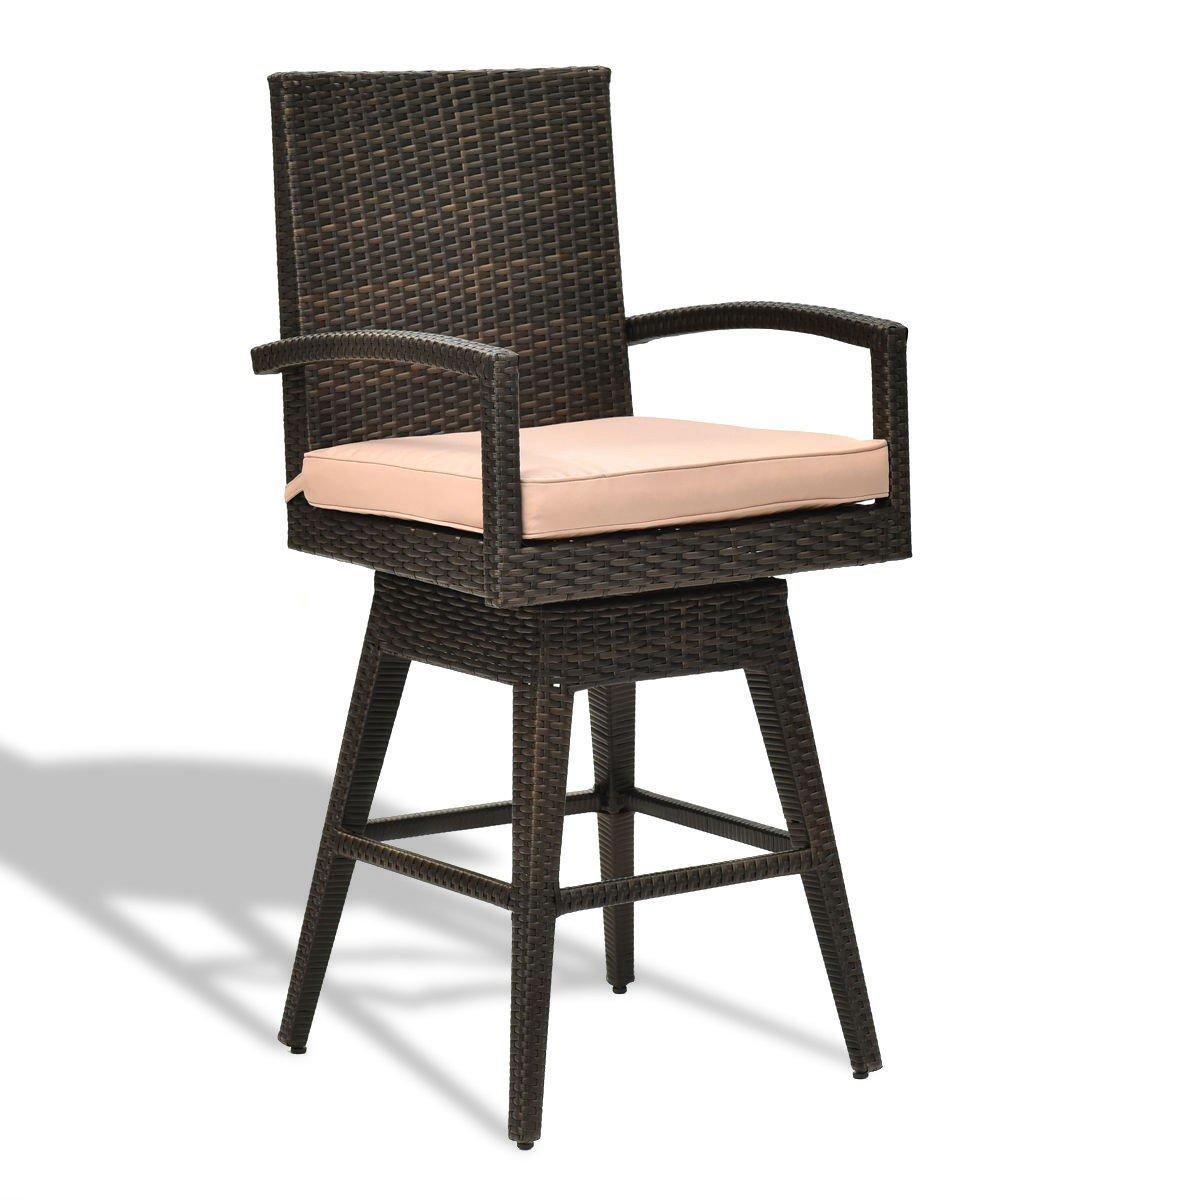 Outdoor Wicker Swivel Bar Stool Chair W